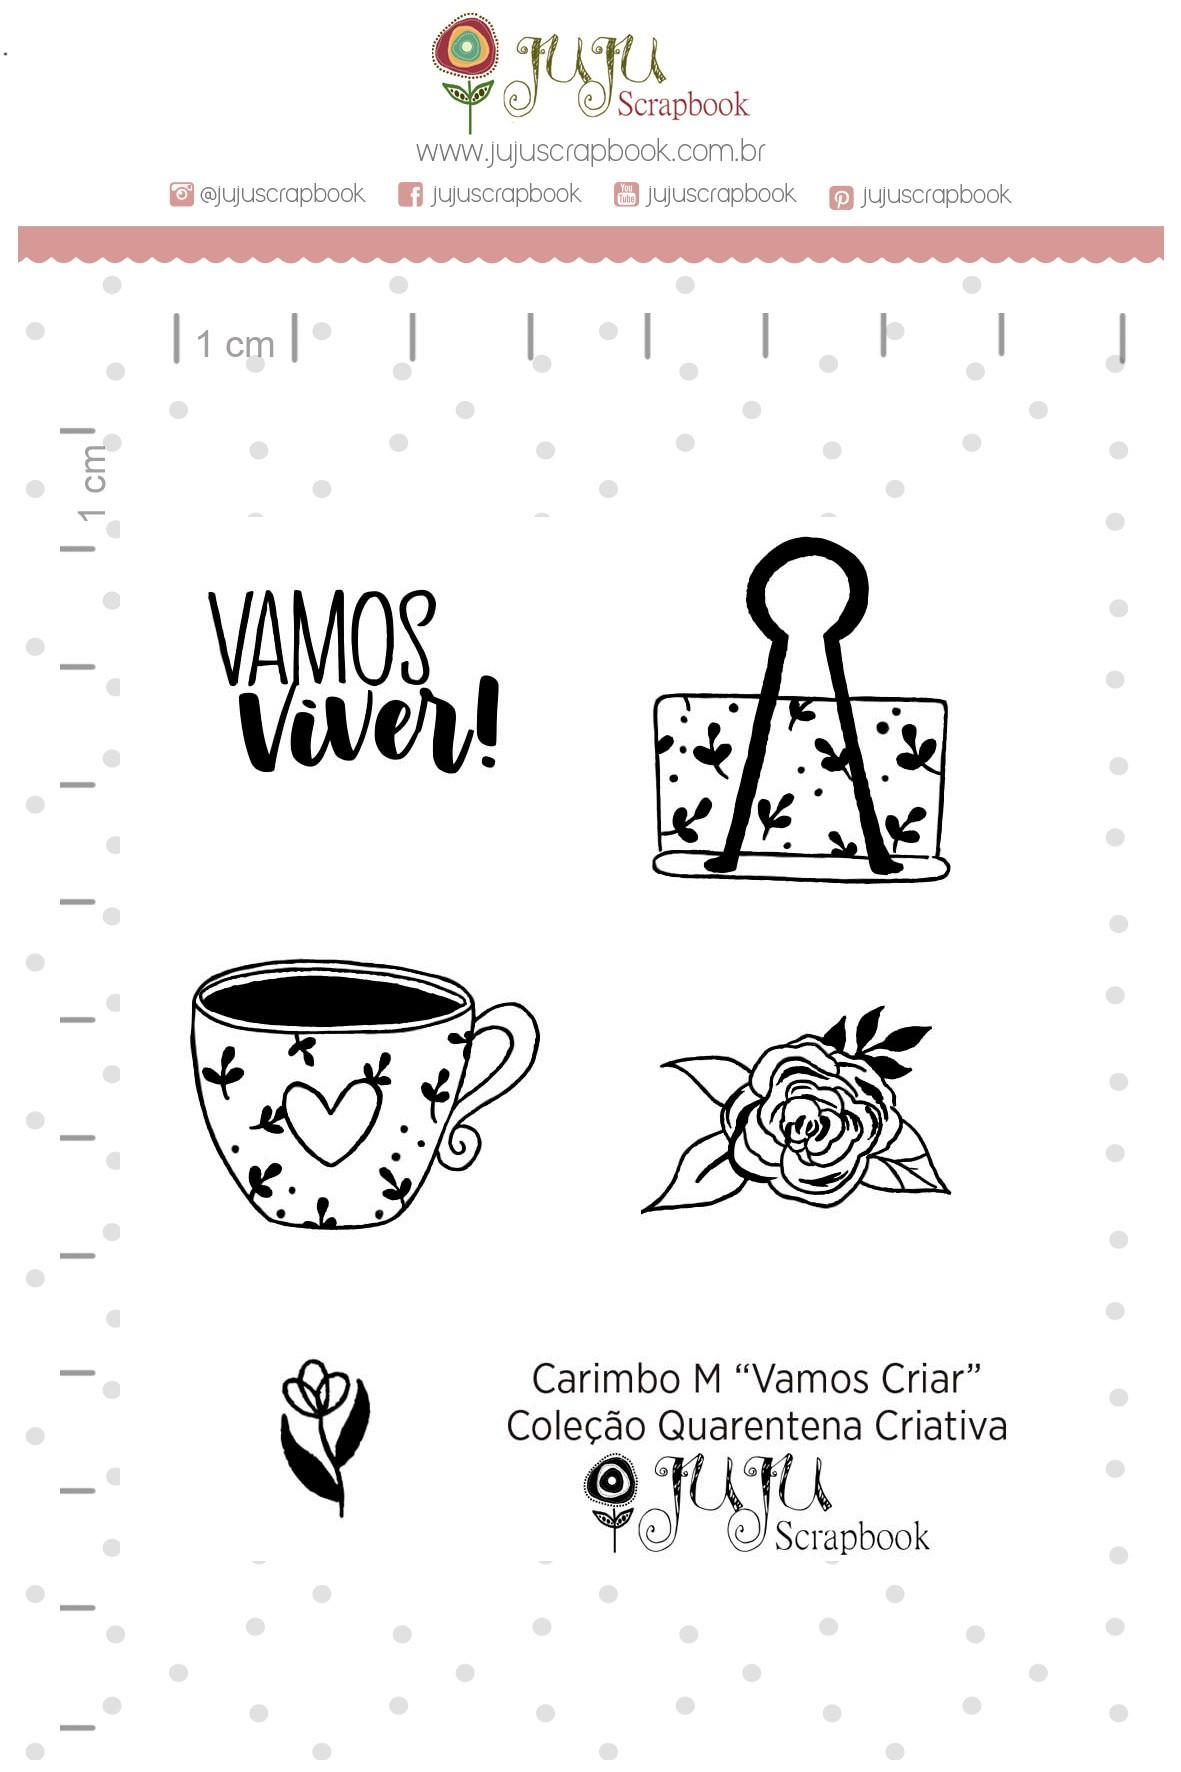 Kit de Carimbos  M - Vamos Criar - Juju Scrapbook